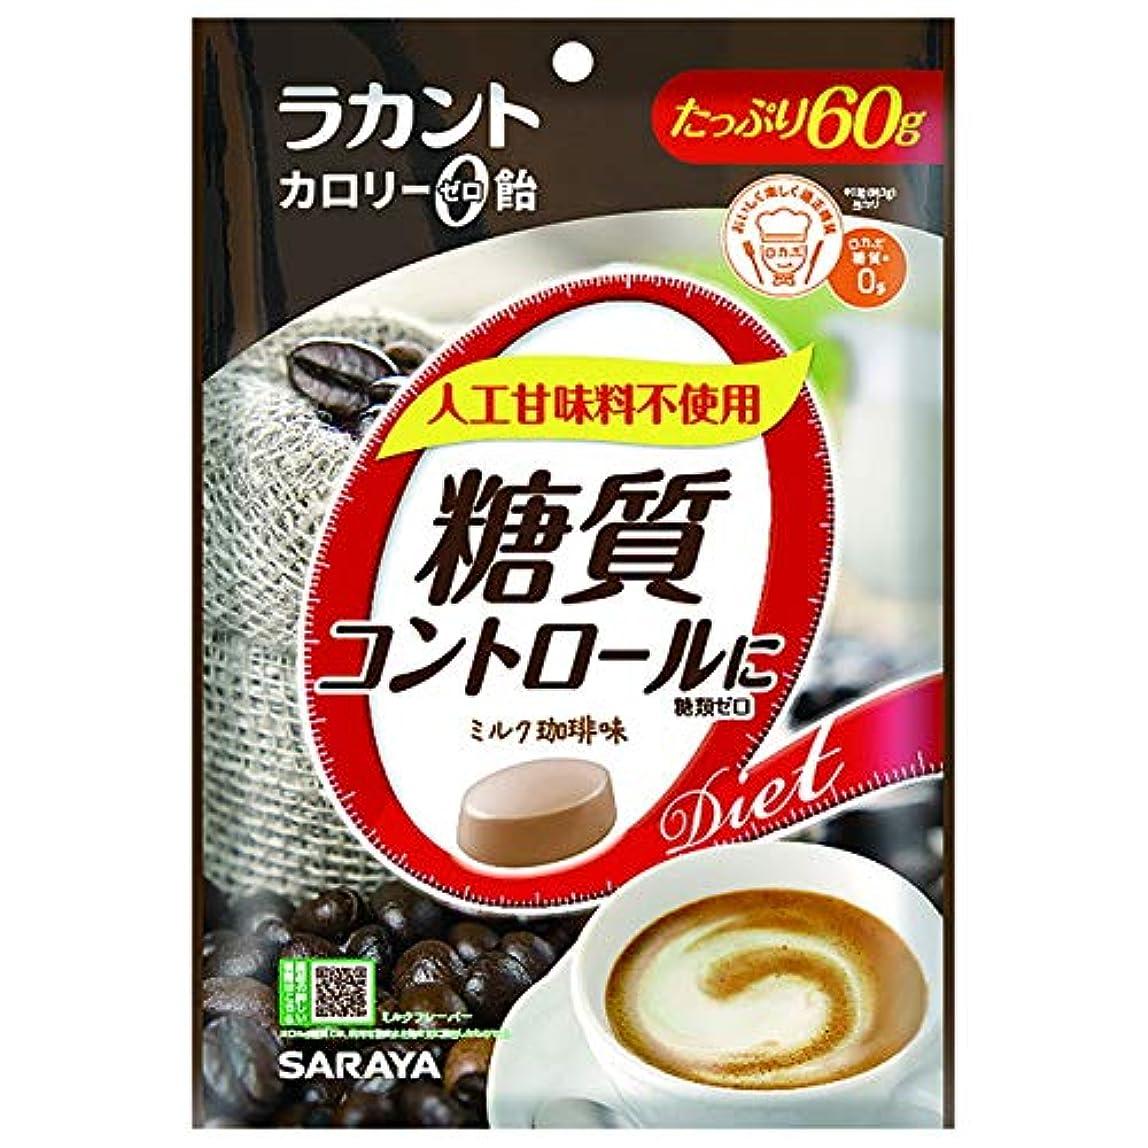 振る舞うありふれた凍結ラカント カロリーゼロ飴 ミルク珈琲 60g【3個セット】